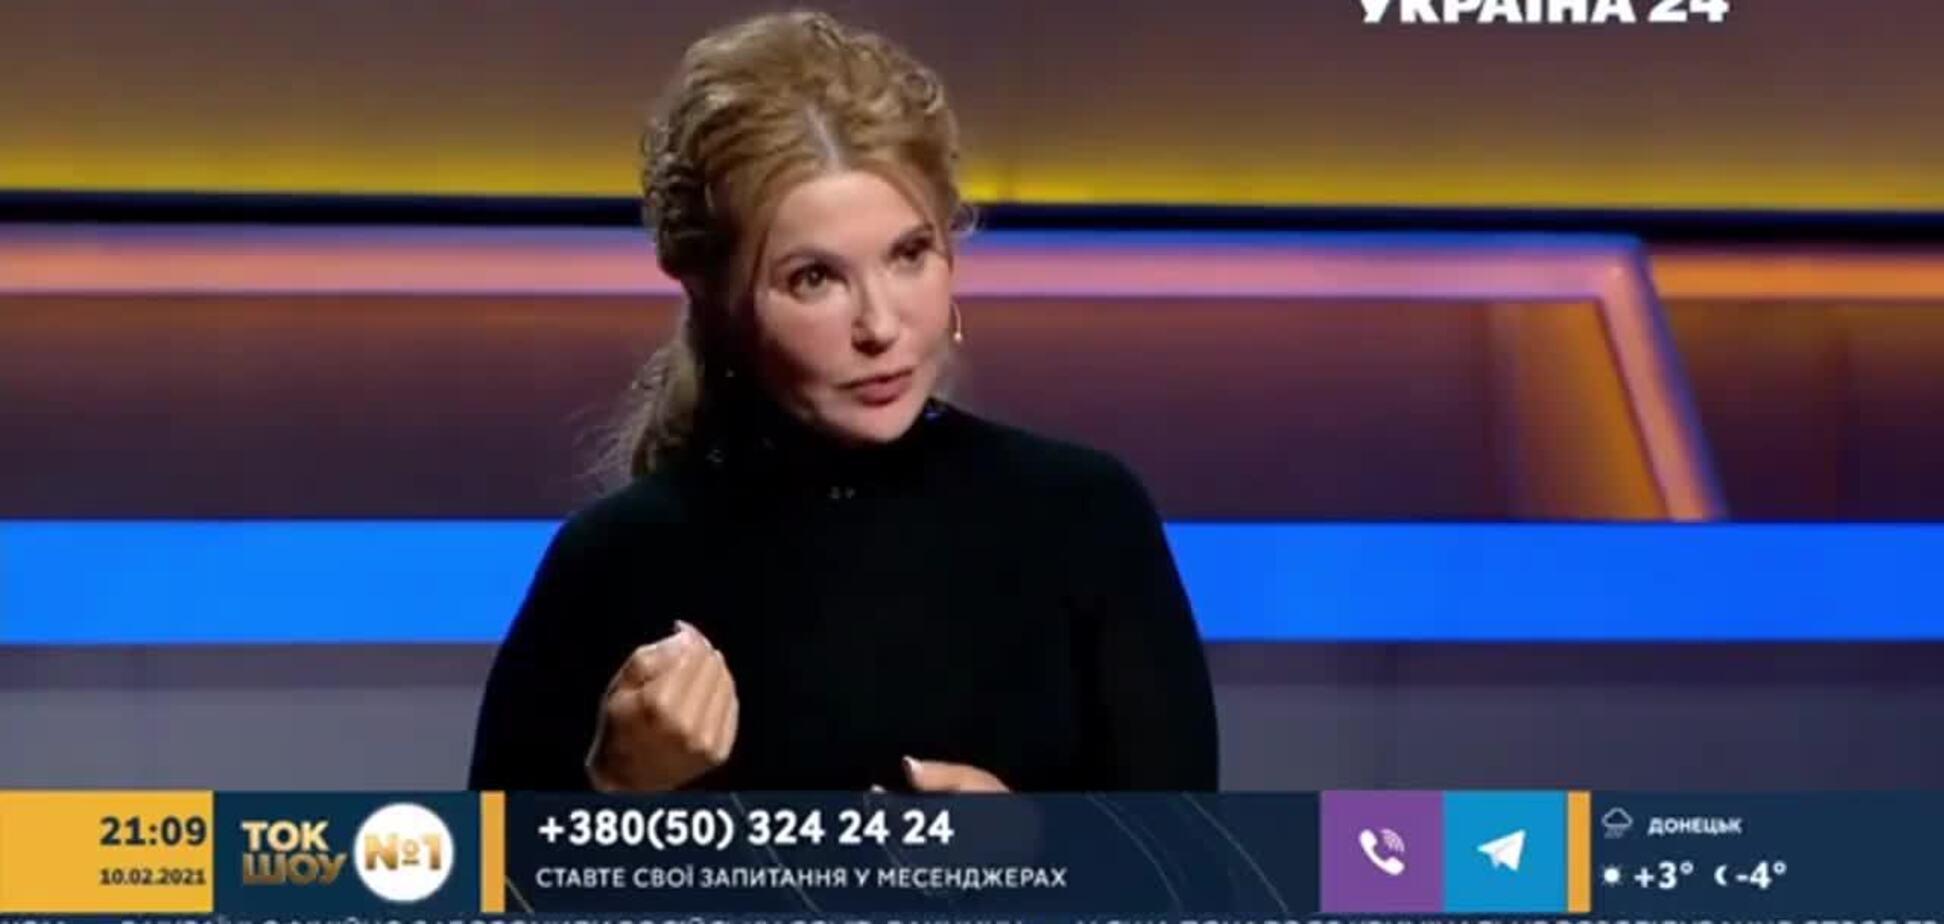 Тимошенко заявила про необхідність оновлення уряду